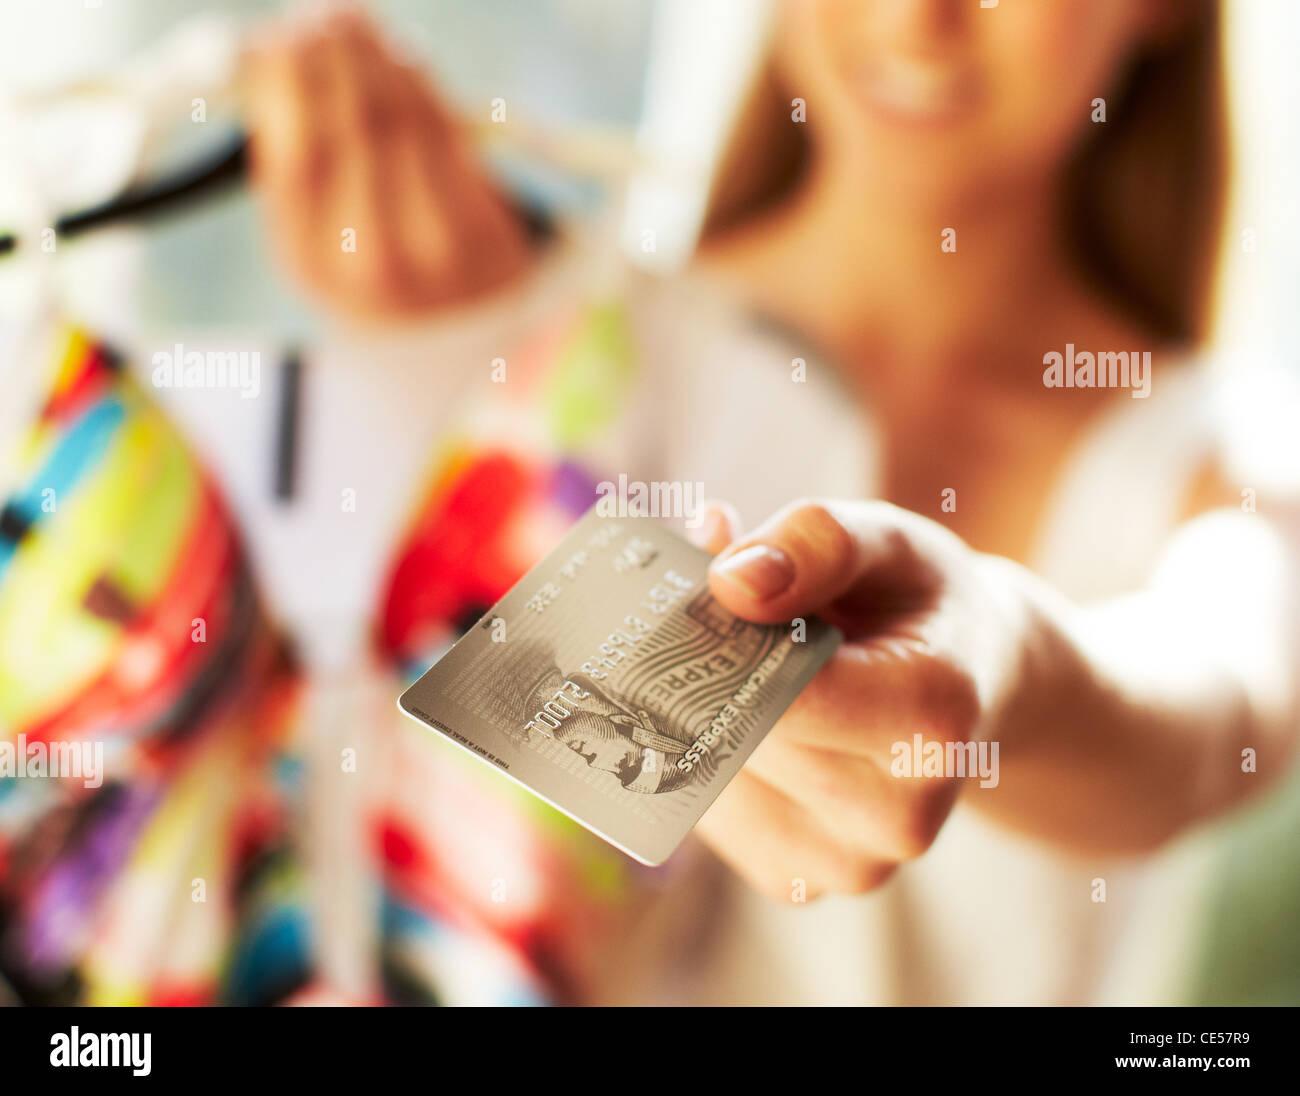 Femme de payer pour les marchandises Photo Stock